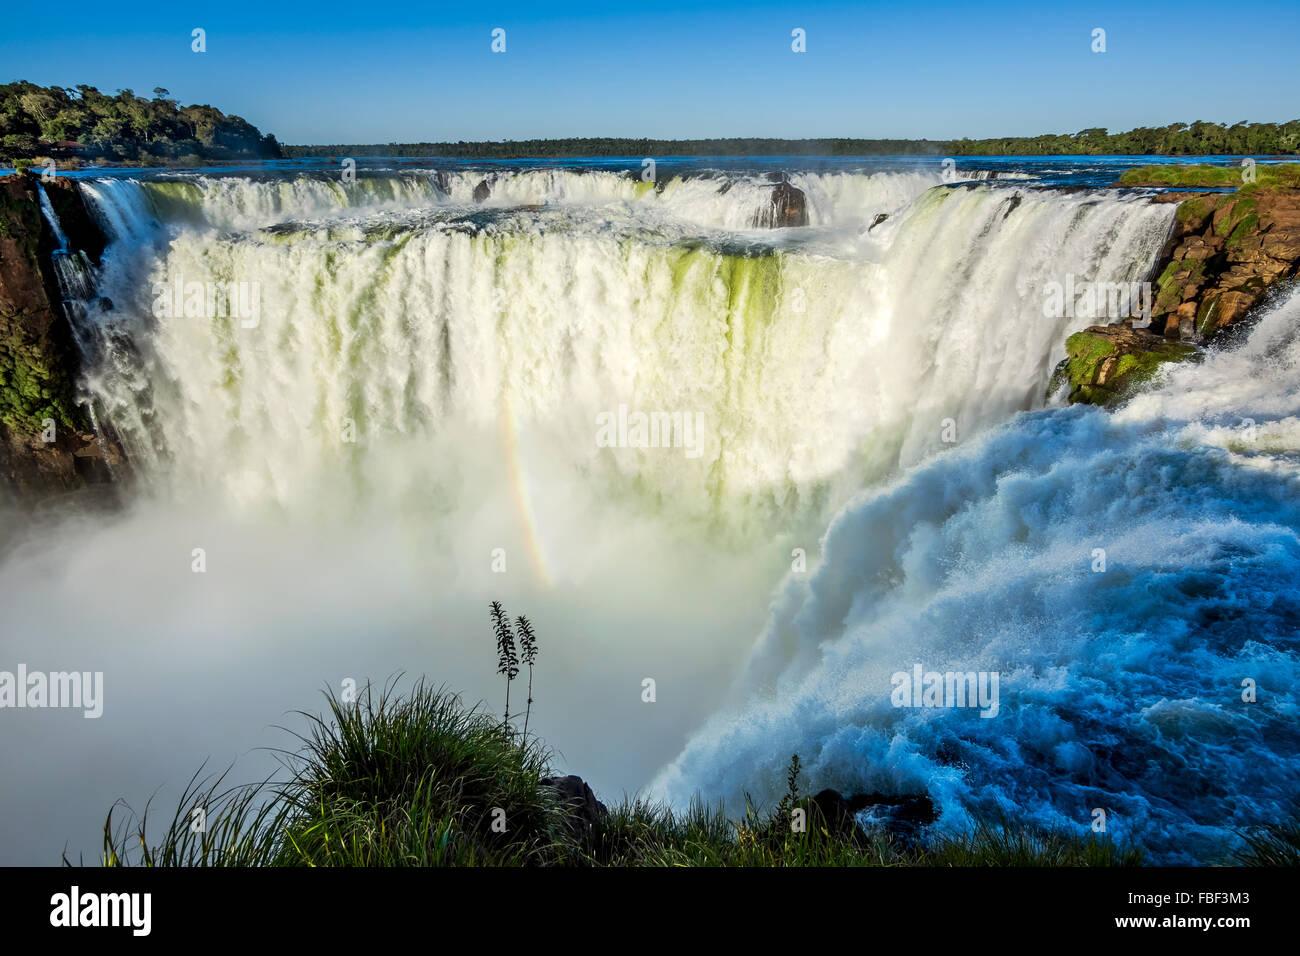 Teufelskehle in Iguazu Wasserfälle, eines der großen Naturwunder der Welt an der Grenze zwischen Argentinien Stockbild